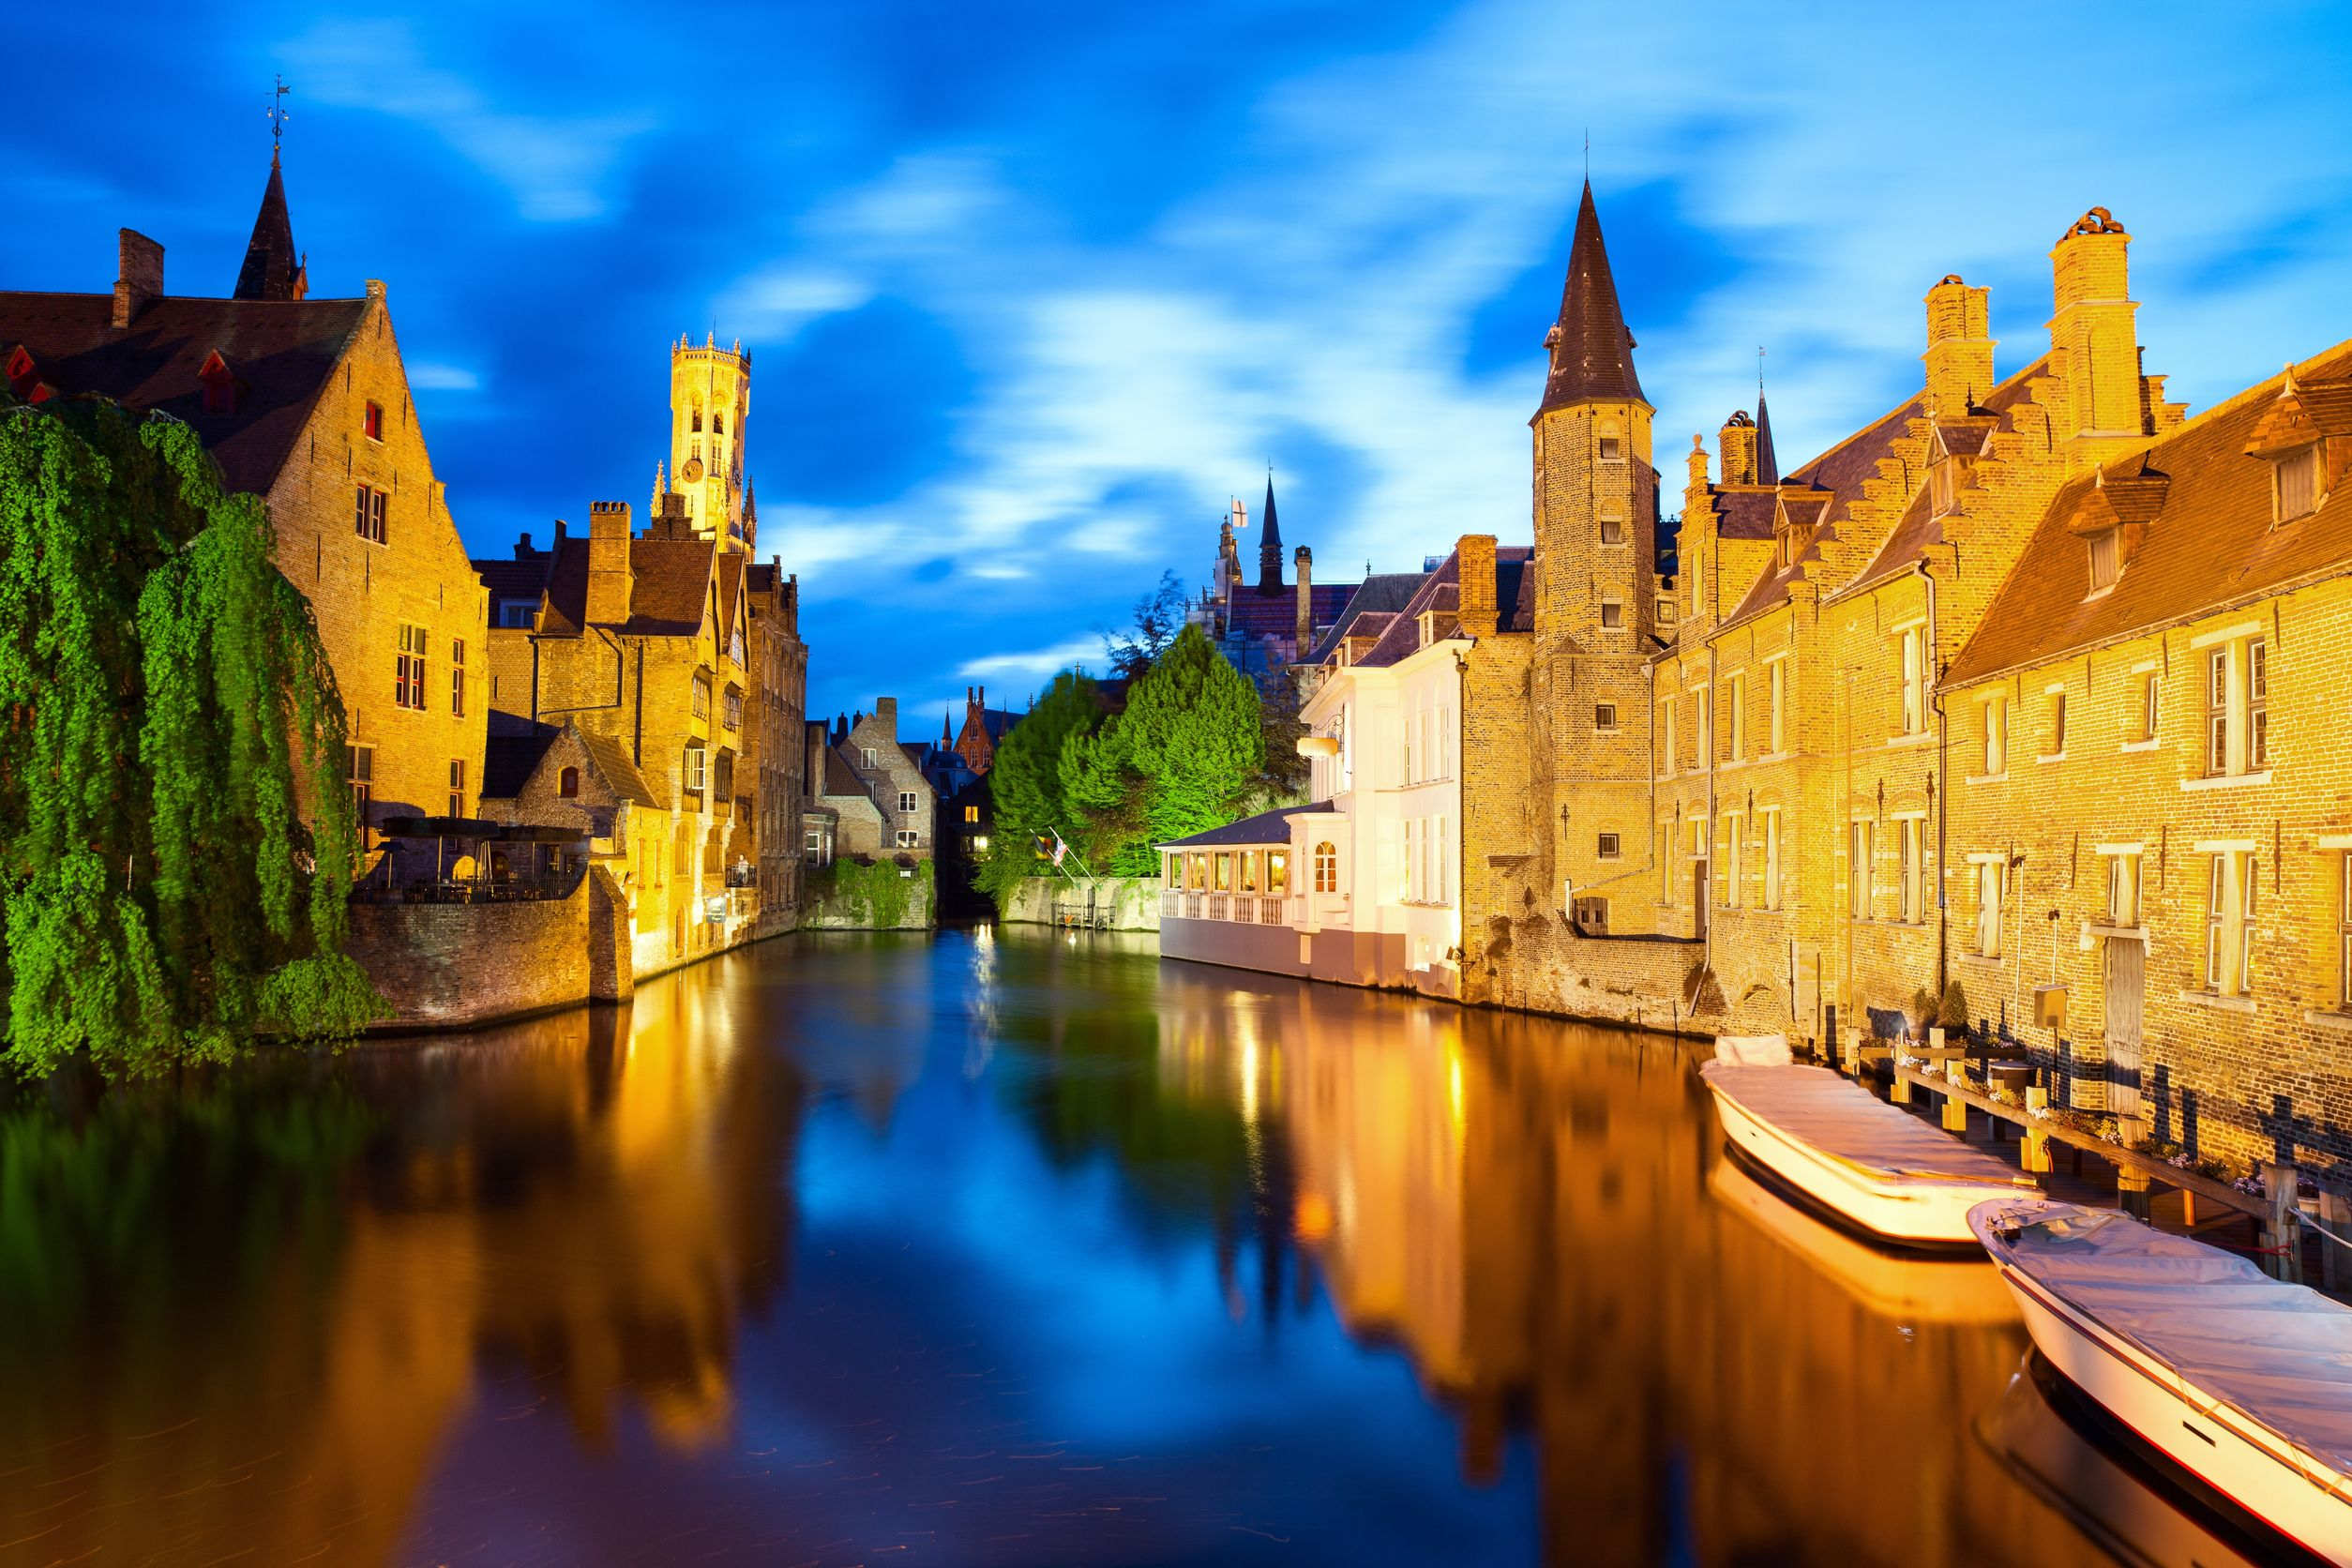 بروج بلجيكا